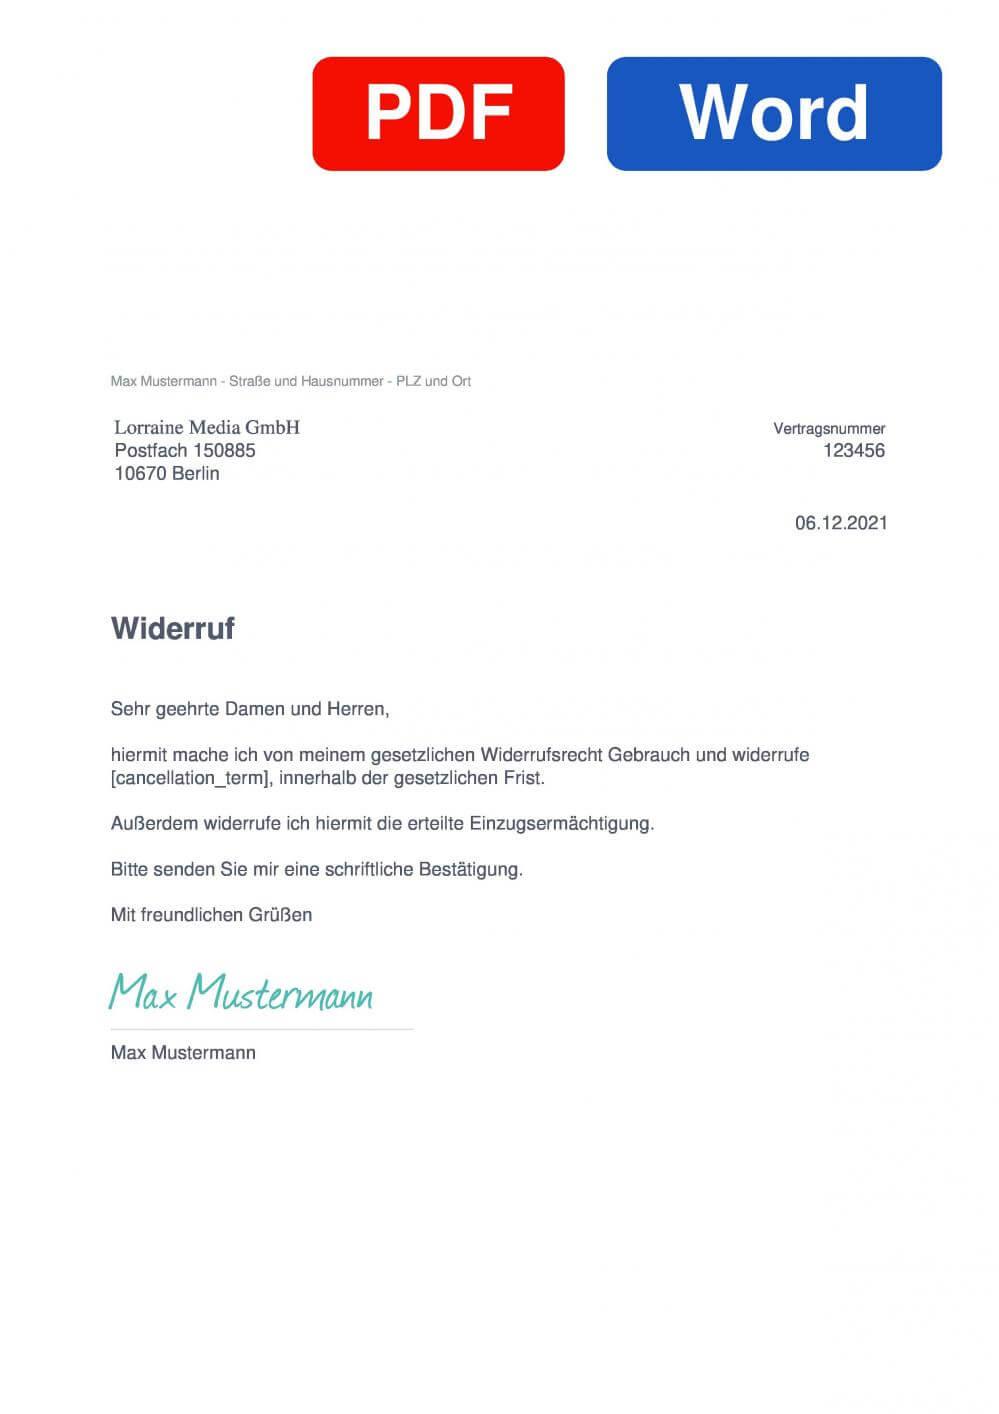 Lorraine Media GmbH Muster Vorlage für Wiederrufsschreiben